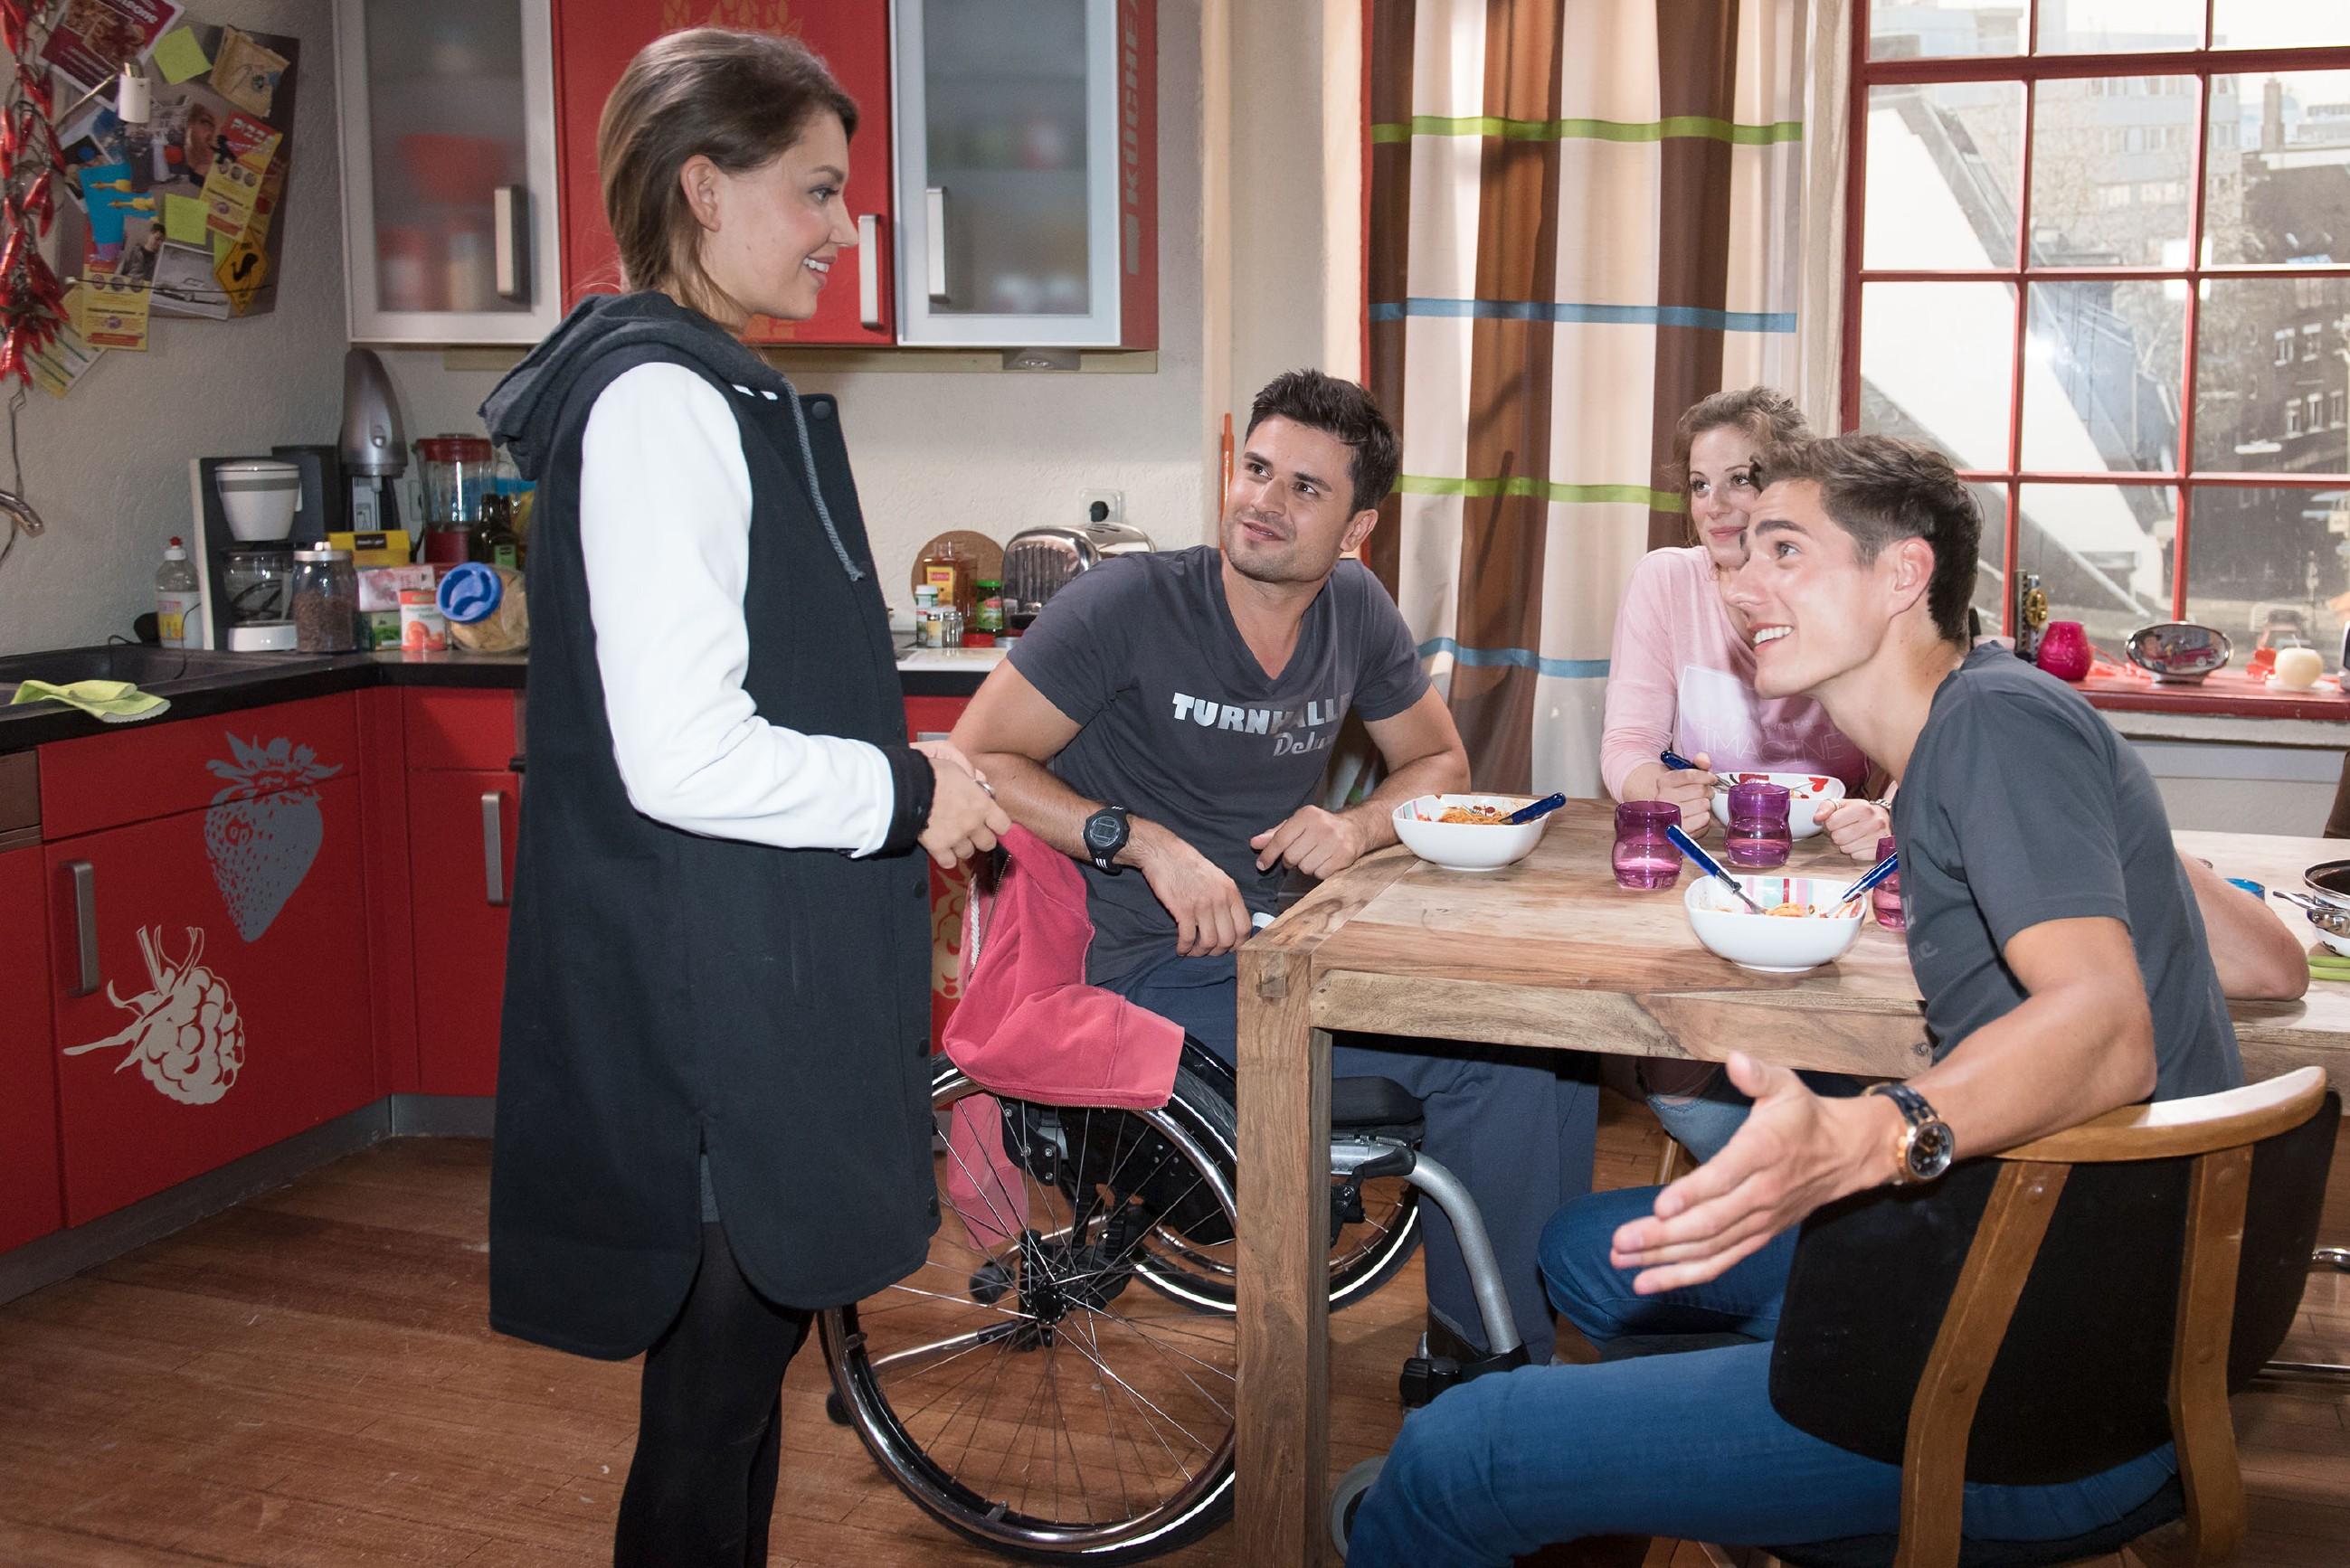 Jule (Amrei Haardt, l.) kann ihr Glück kaum fassen, als (v.r.) Ringo (Timothy Boldt), Elli (Nora Koppen) und Paco (Milos Vukovic) ihr eröffnen, dass sie doch in der WG bleiben darf. (Quelle: RTL / Stefan Behrens)